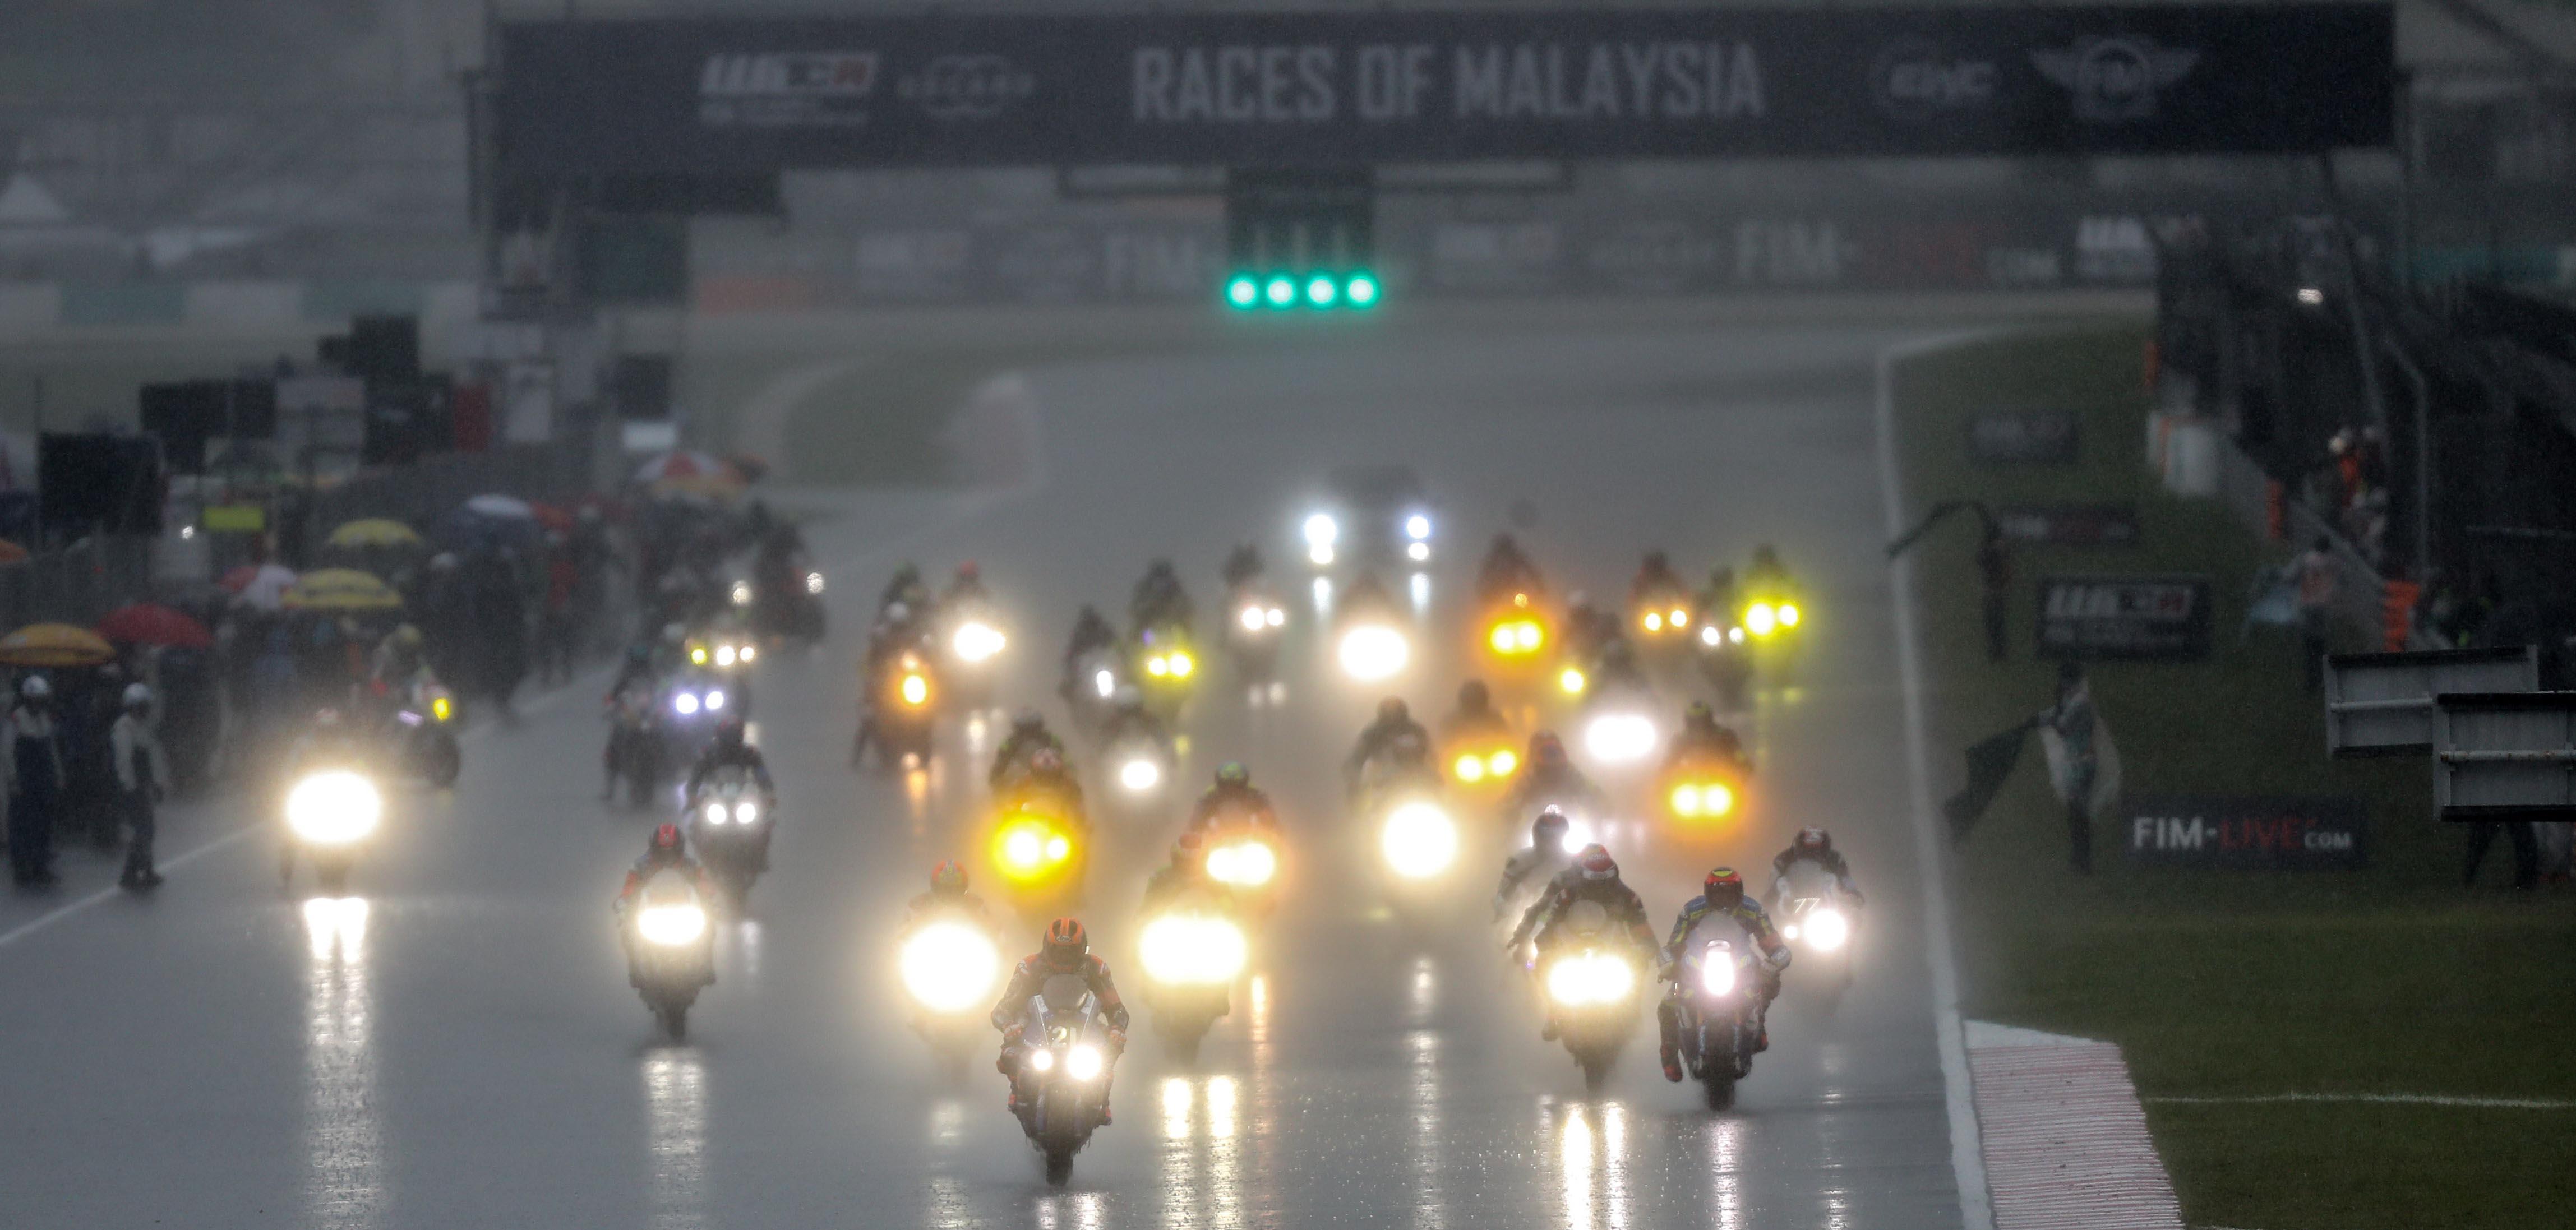 Fim_Ewc_8h_Sepang_2019_Race